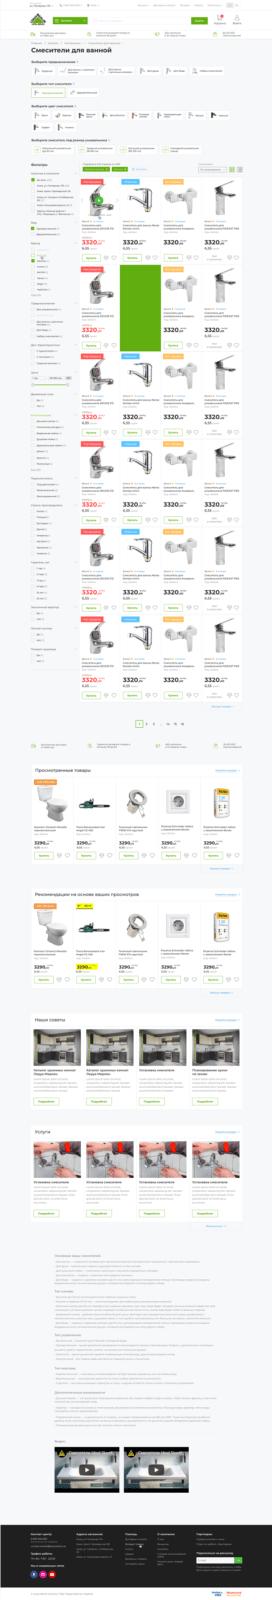 Рис. 6. Прототип страницы каталога товаров.